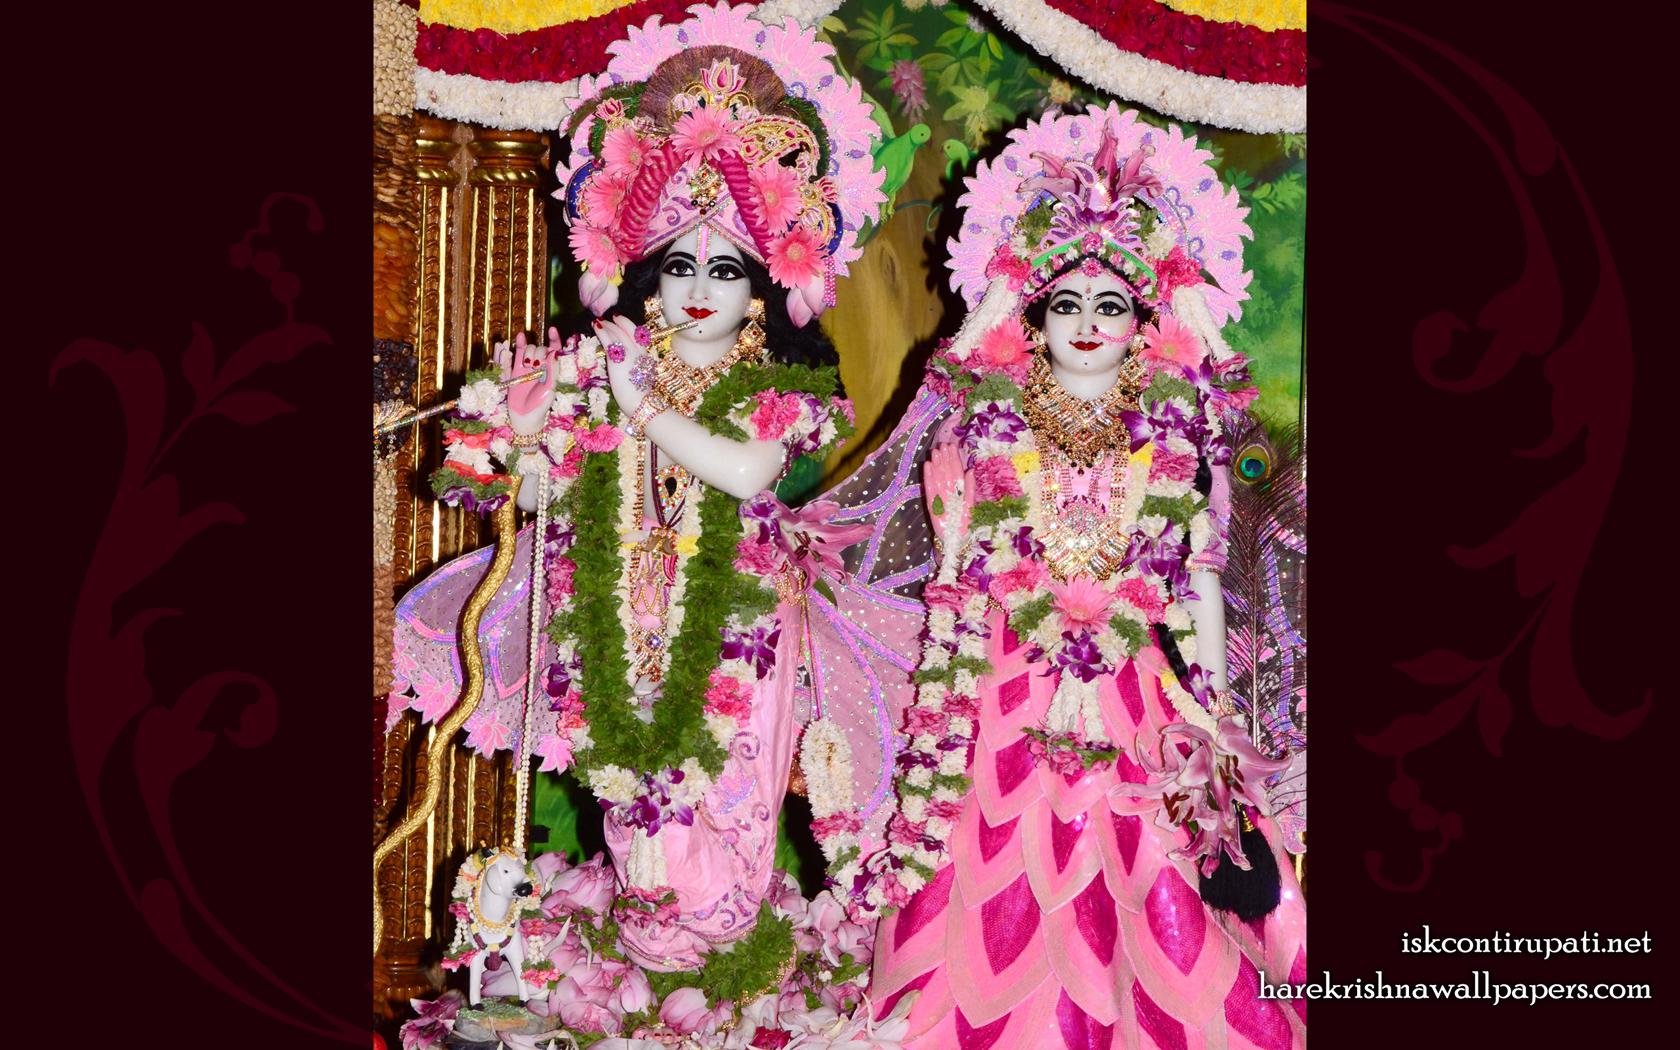 Sri Sri Radha Govinda Wallpaper (009) Size 1680x1050 Download